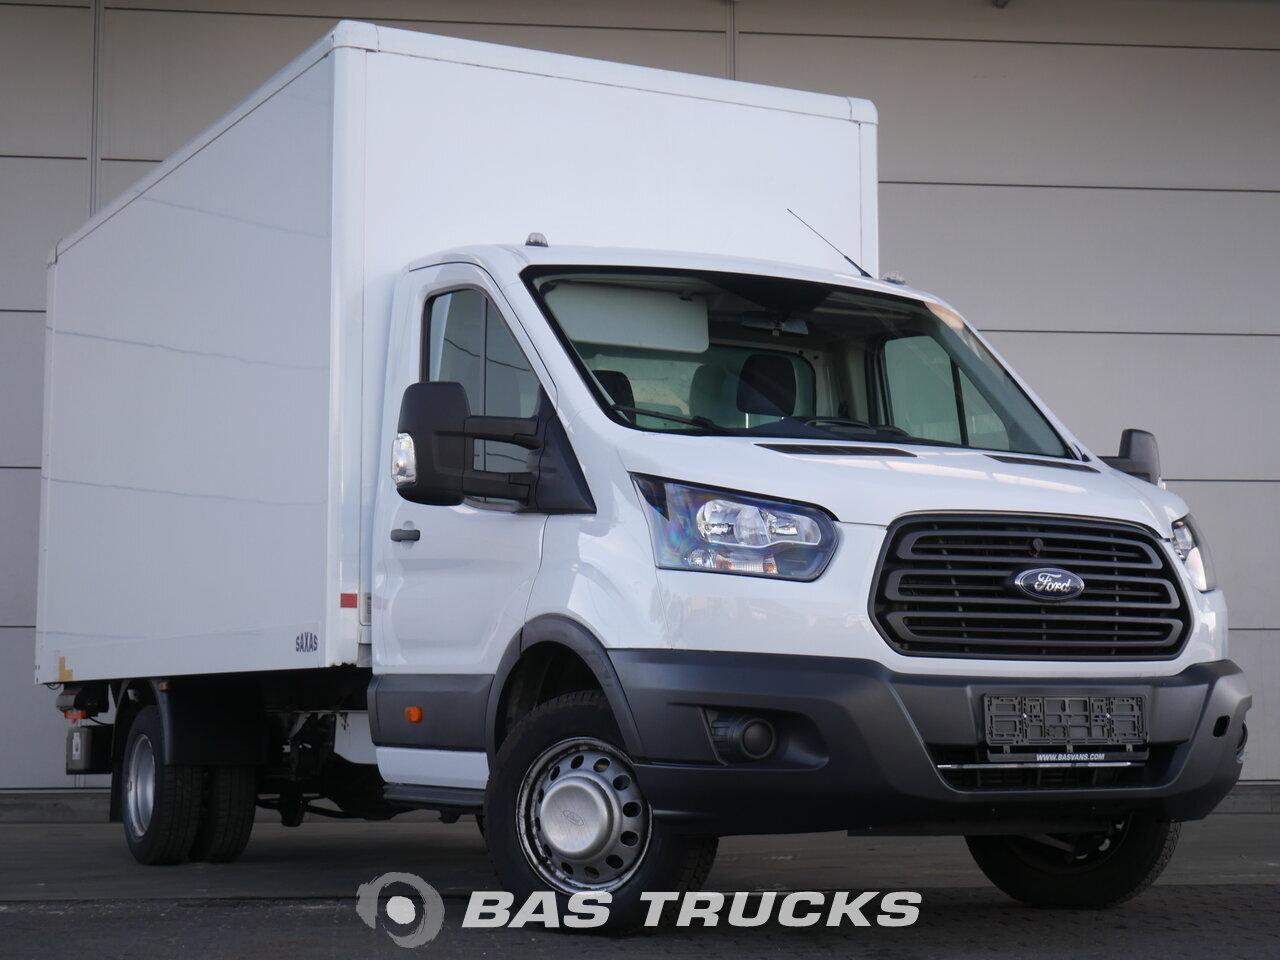 Ford Transit 4x2 05 2017 Bas Trucks